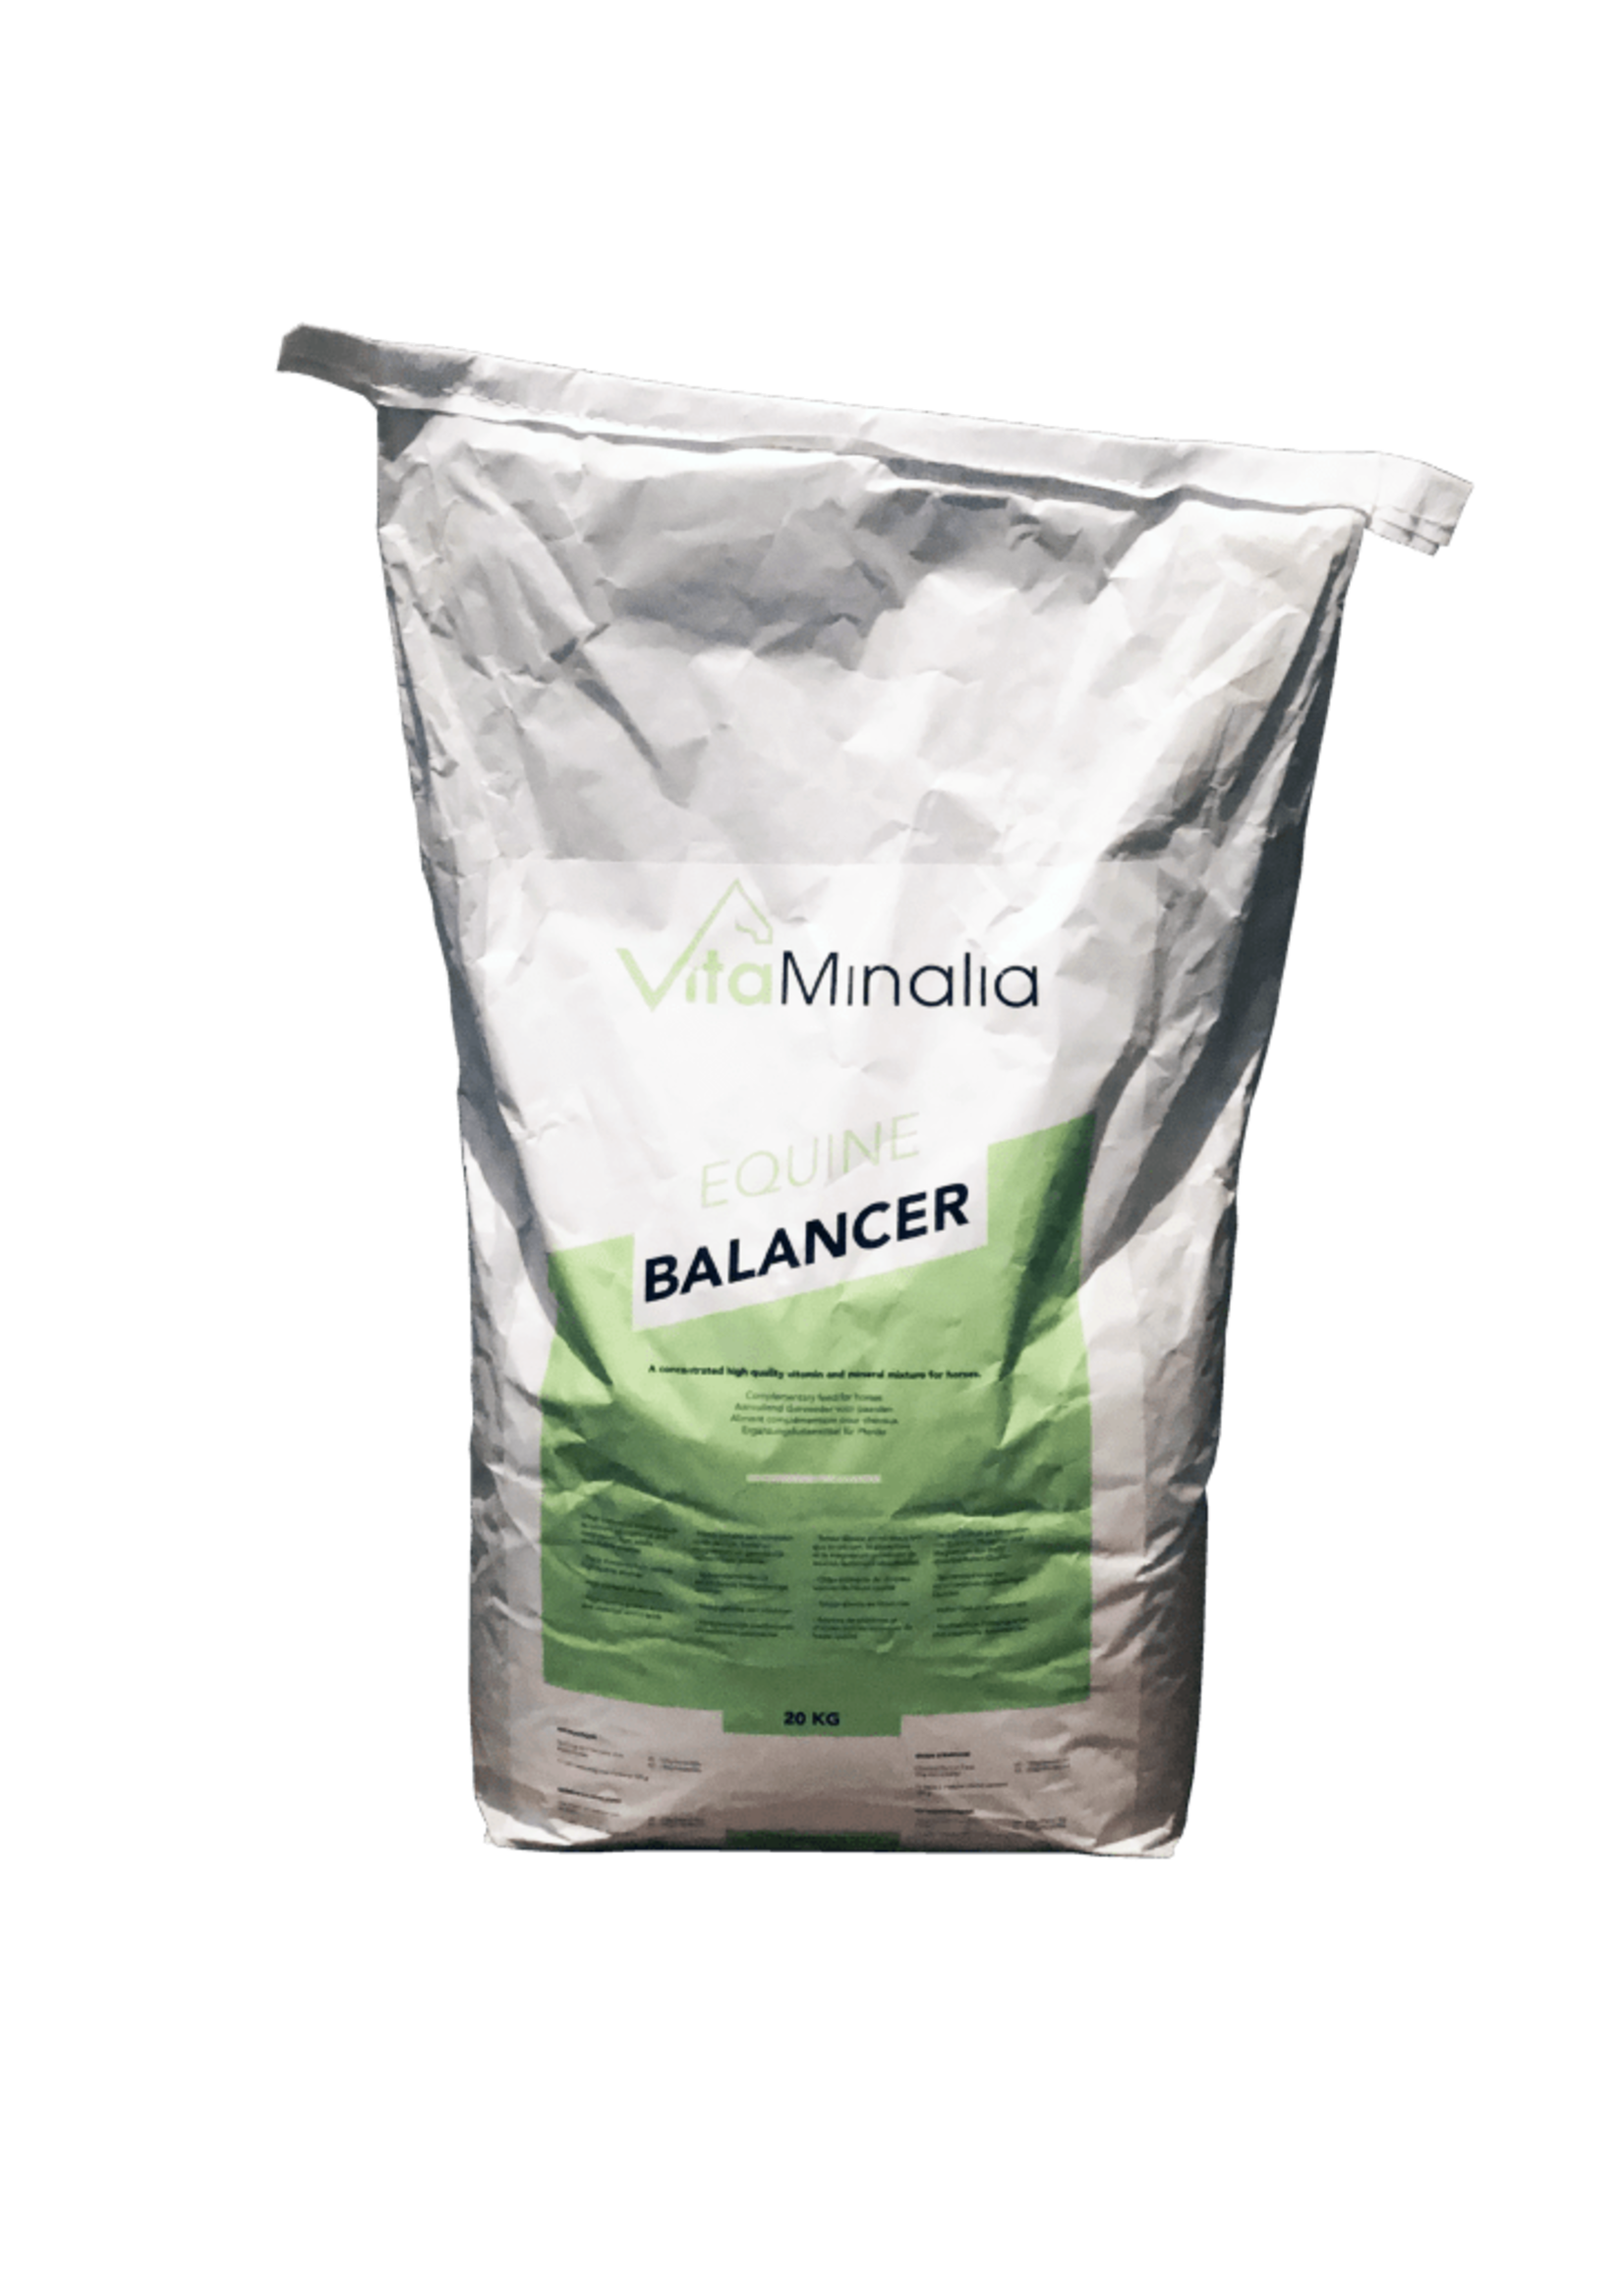 Vitaminalia Vitaminalia Balancer zak 20kg